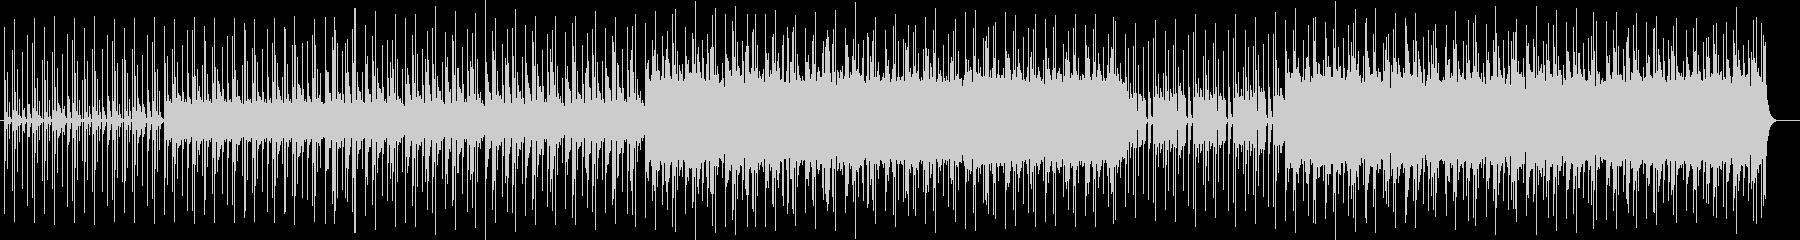 シリアスなシンセサイザーなどのサウンドの未再生の波形